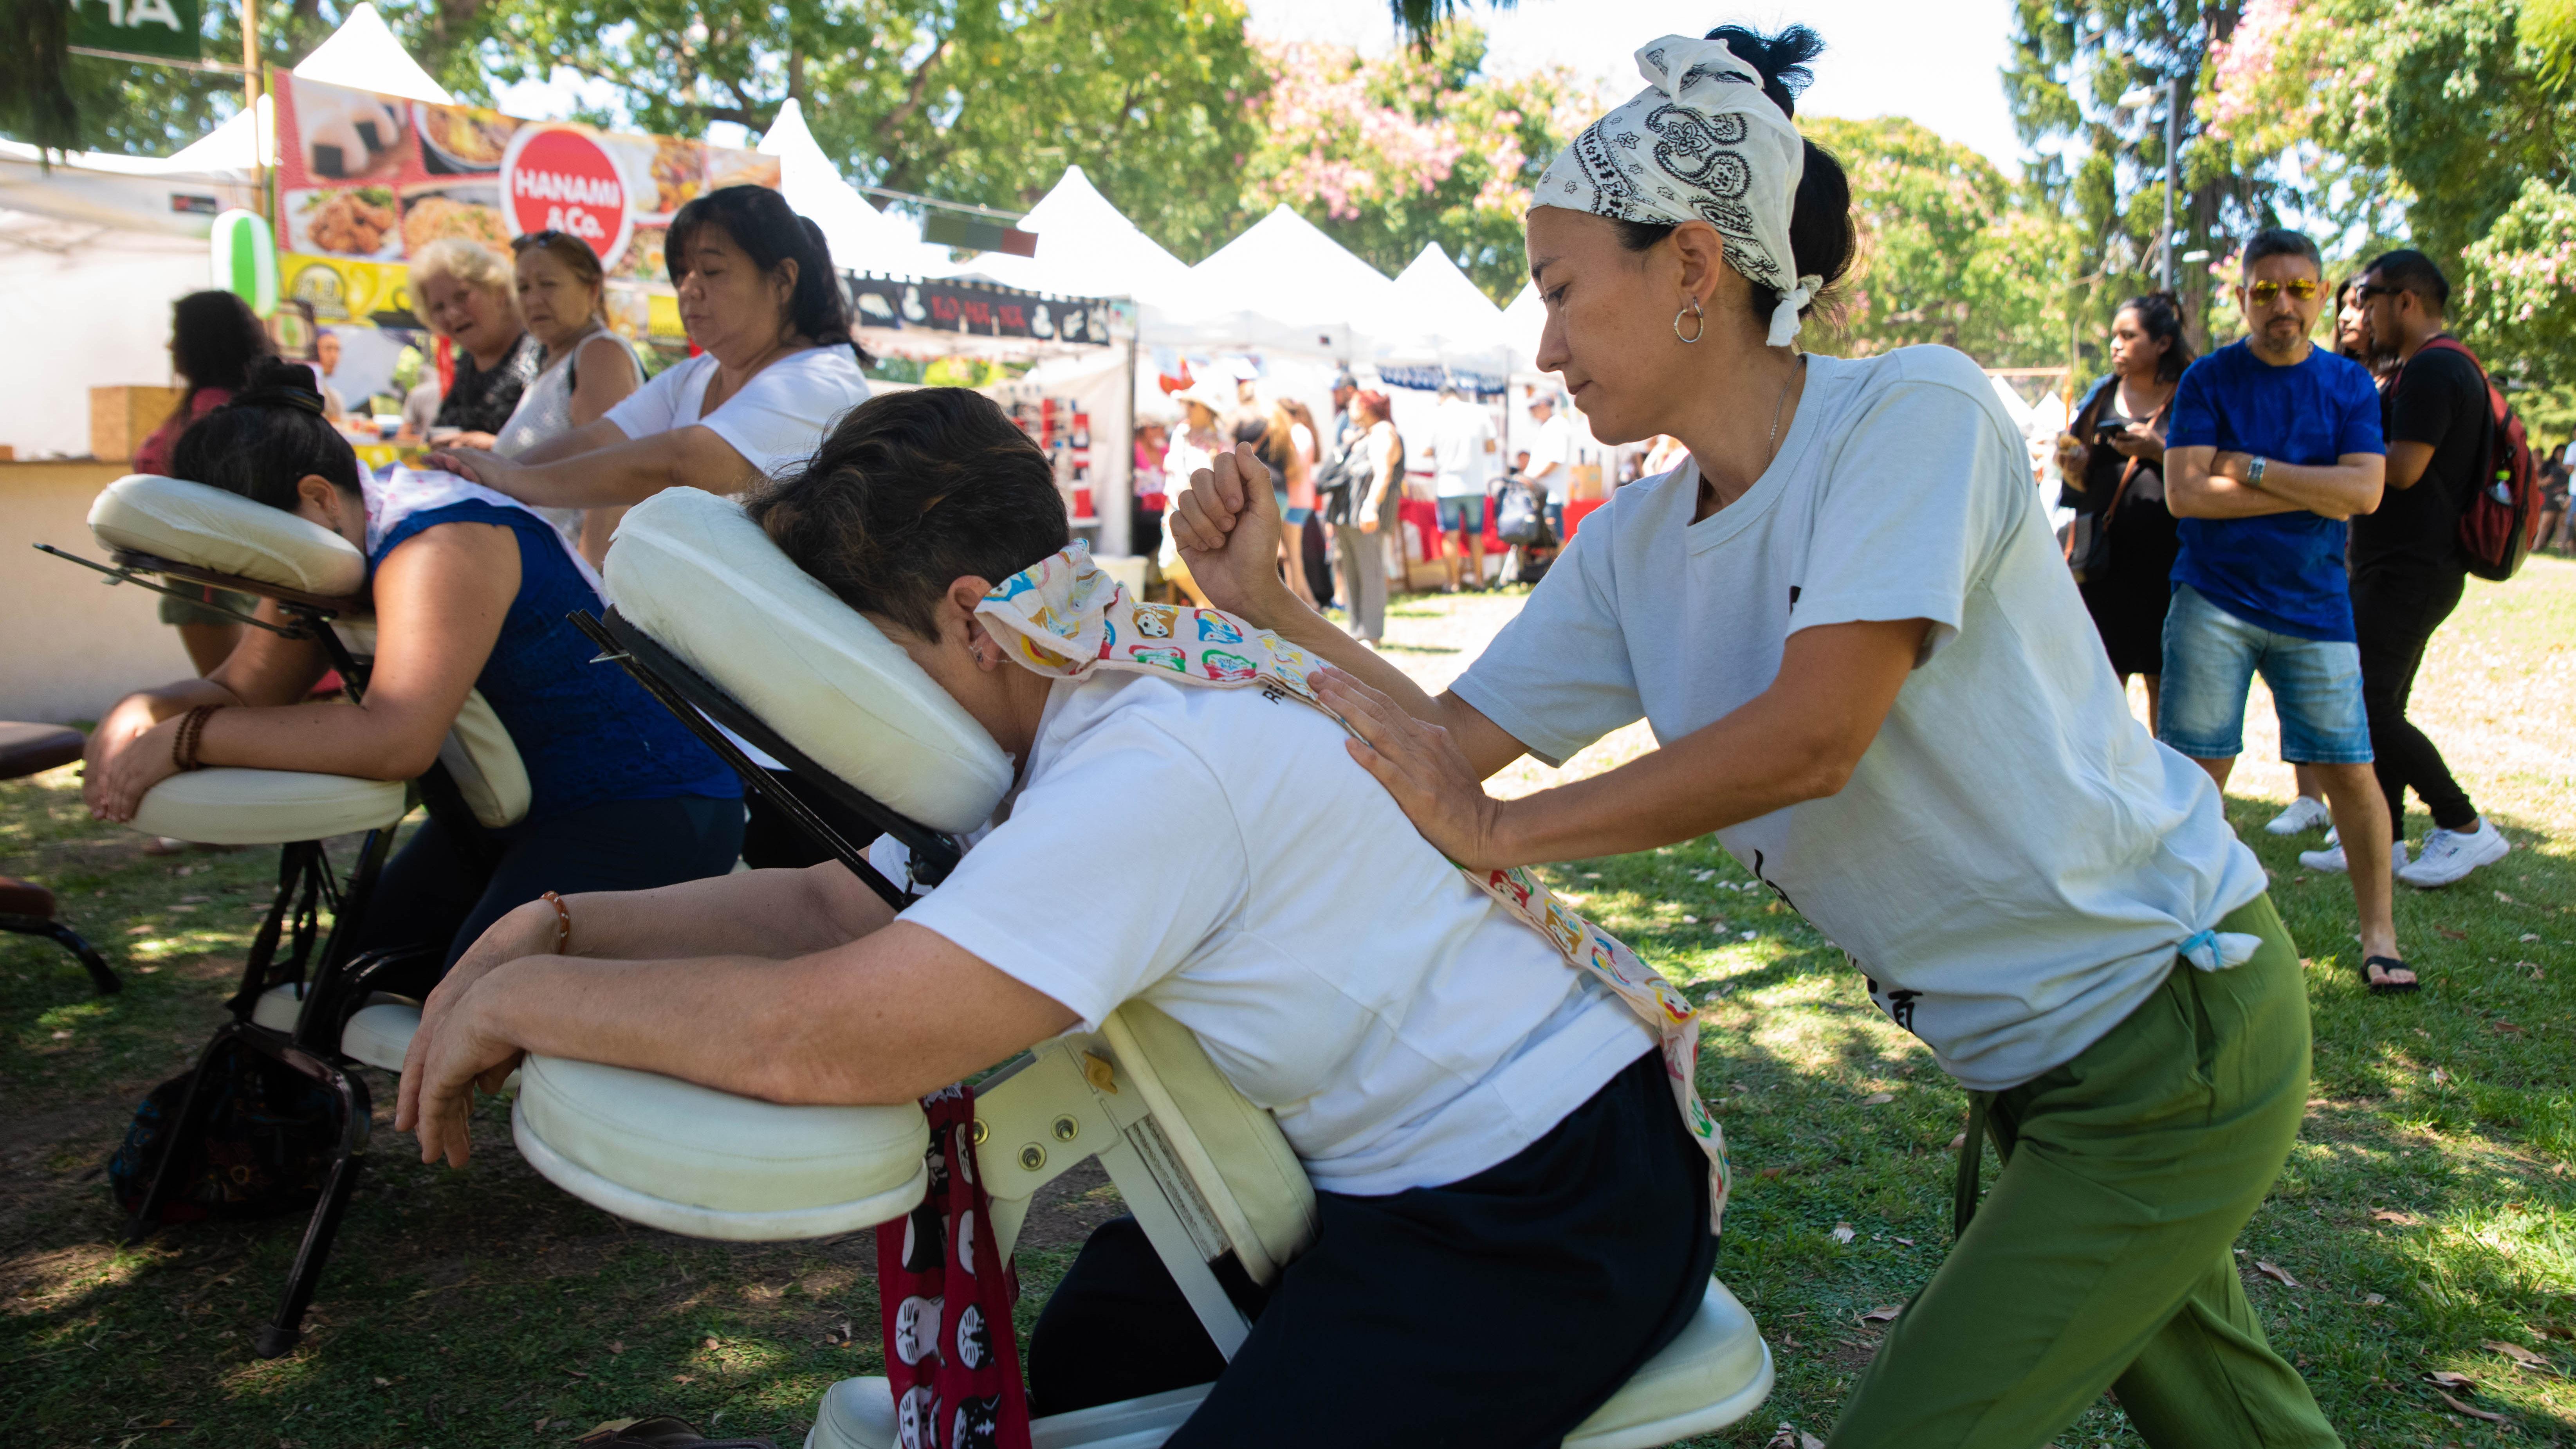 En un sector de la plaza se ofrecían masajes.